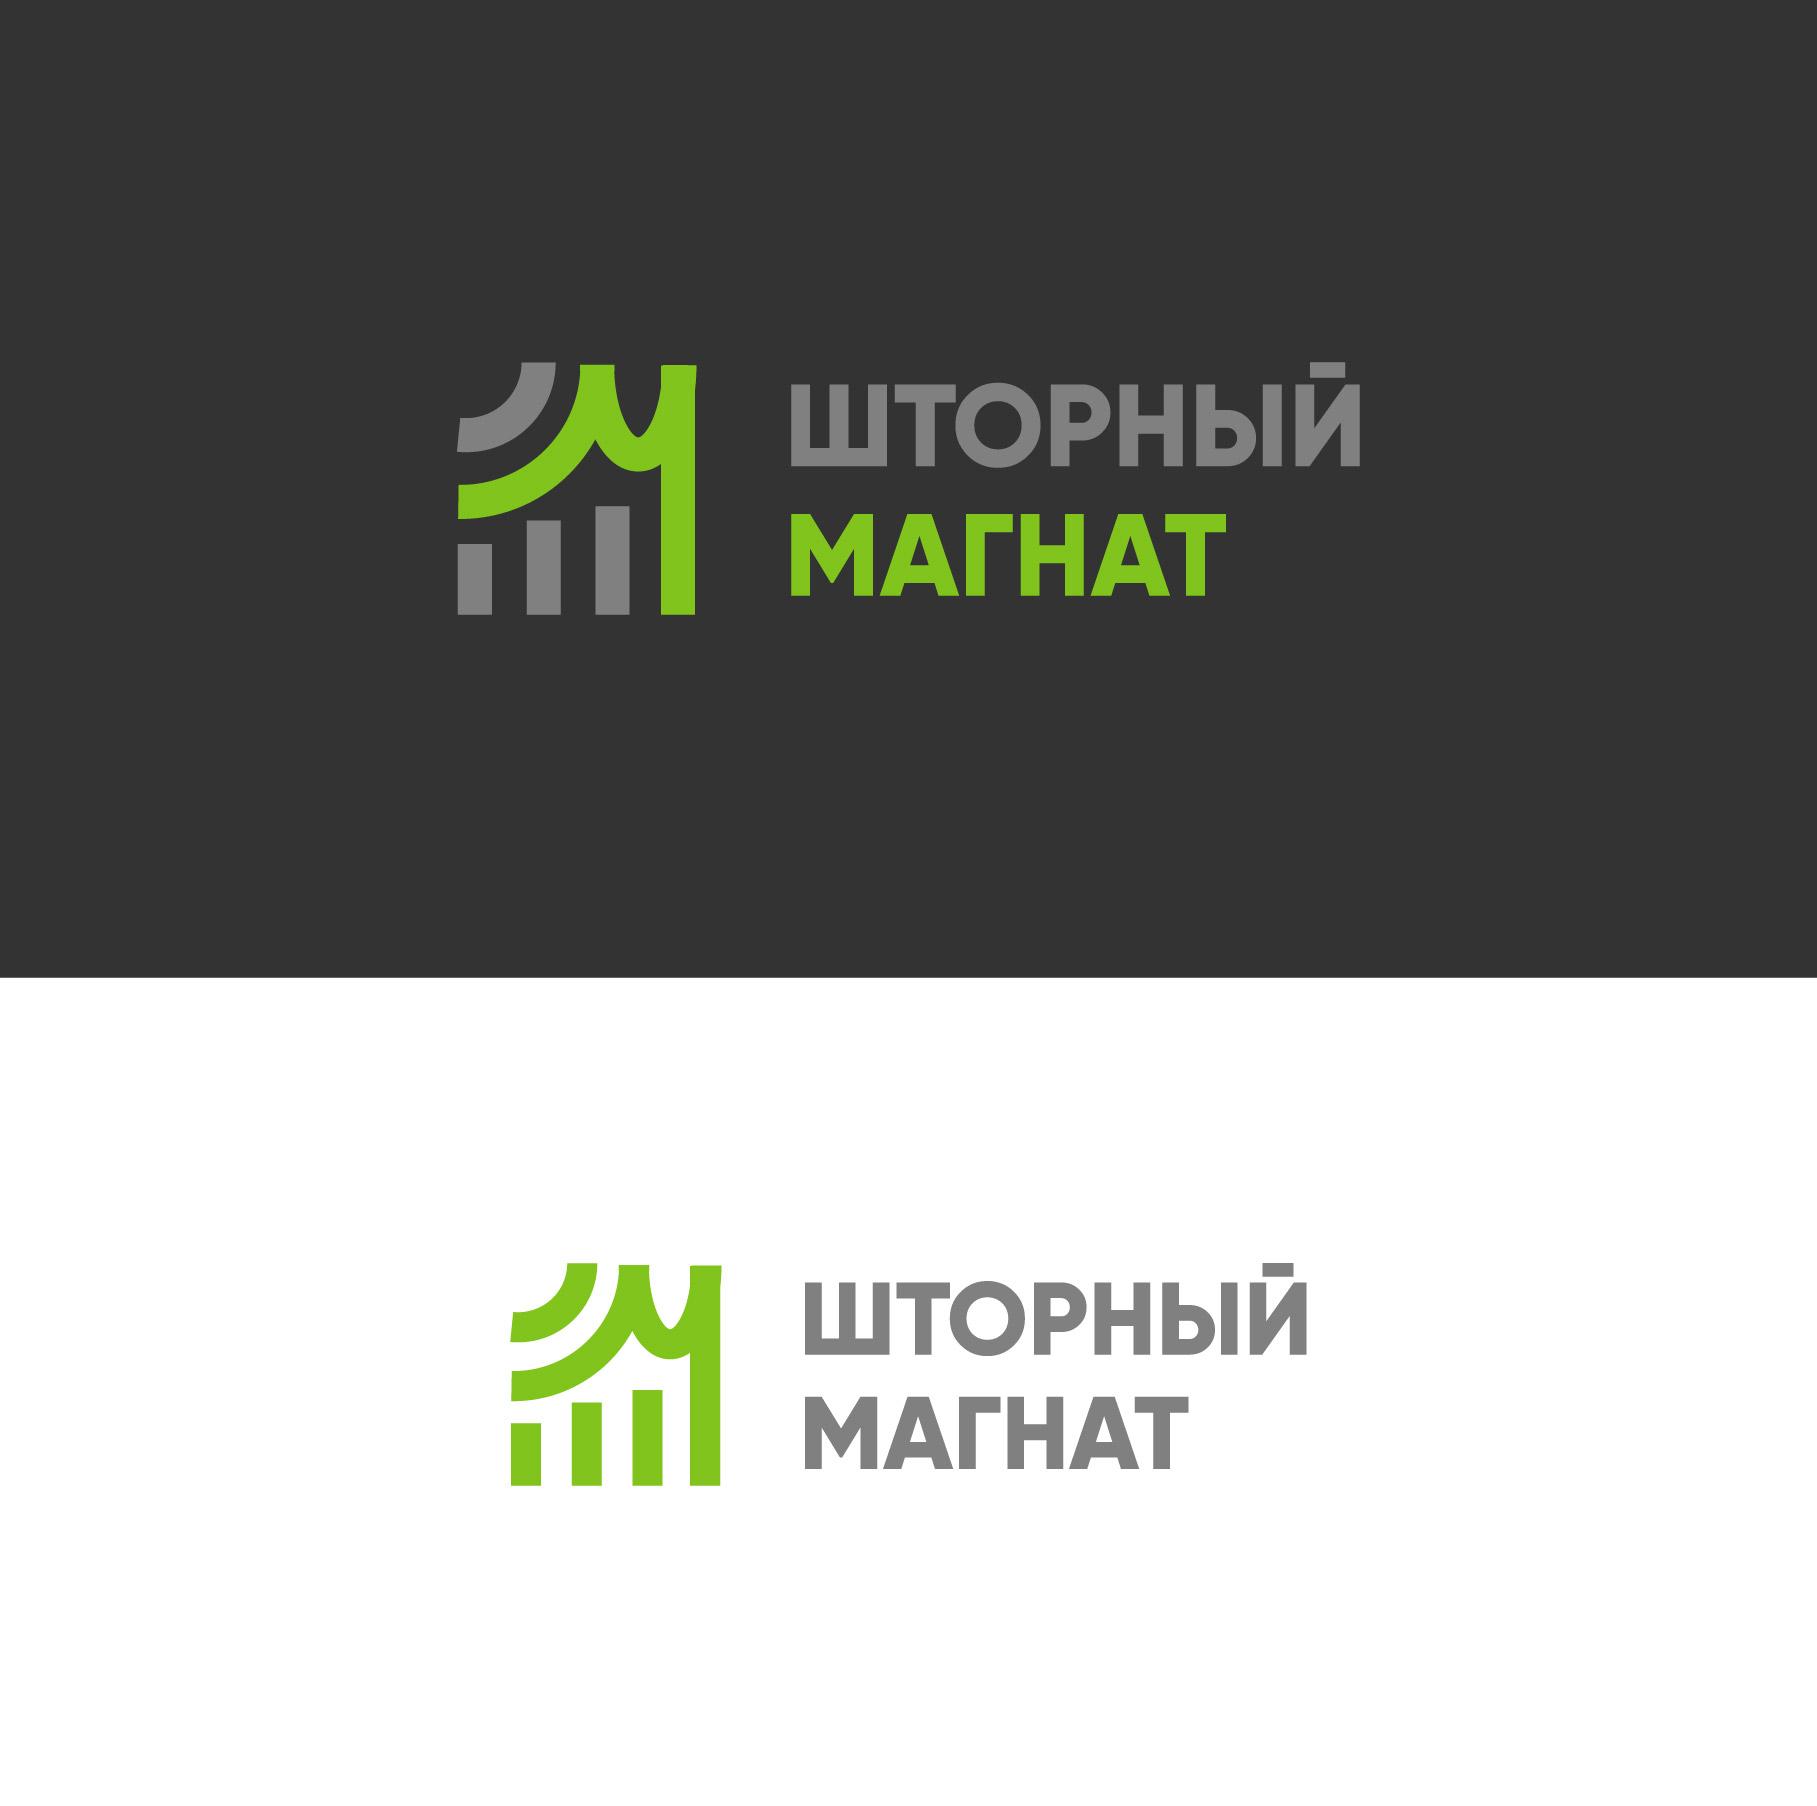 Логотип и фирменный стиль для магазина тканей. фото f_3325cd99fec9a892.jpg